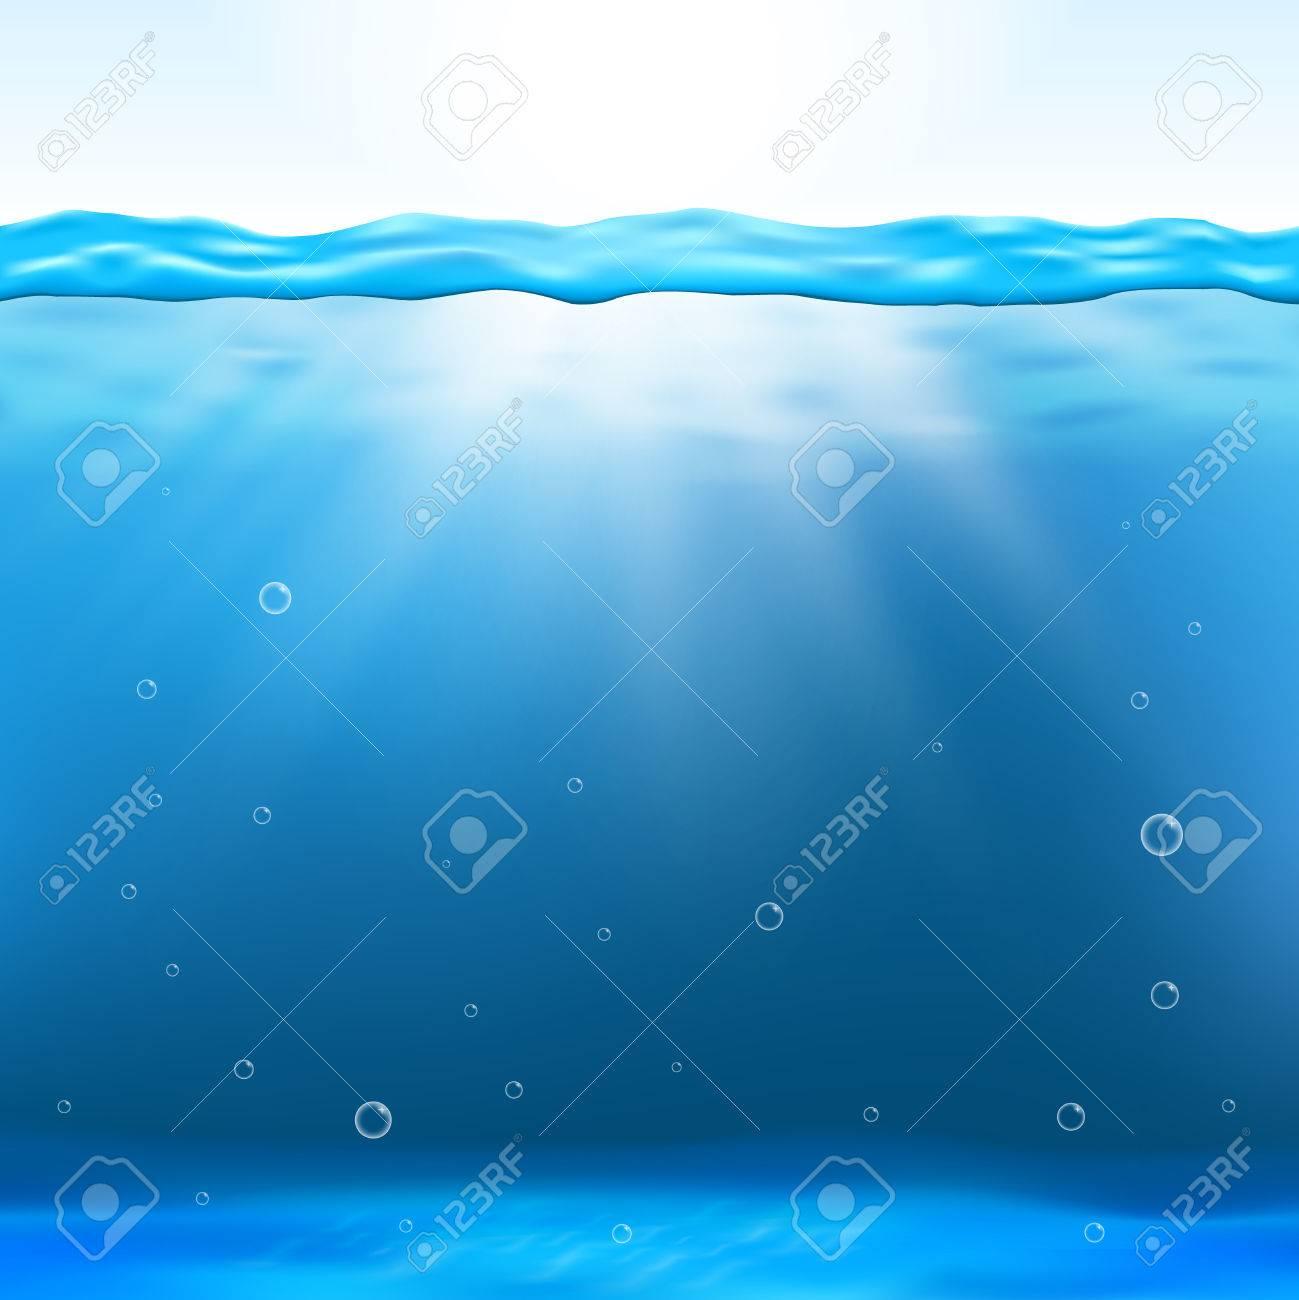 190cd1c7ef Foto de archivo - Ilustración vector visión bajo el agua. fondo limpio bajo  el agua y profundo bajo el agua con el rayo de sol